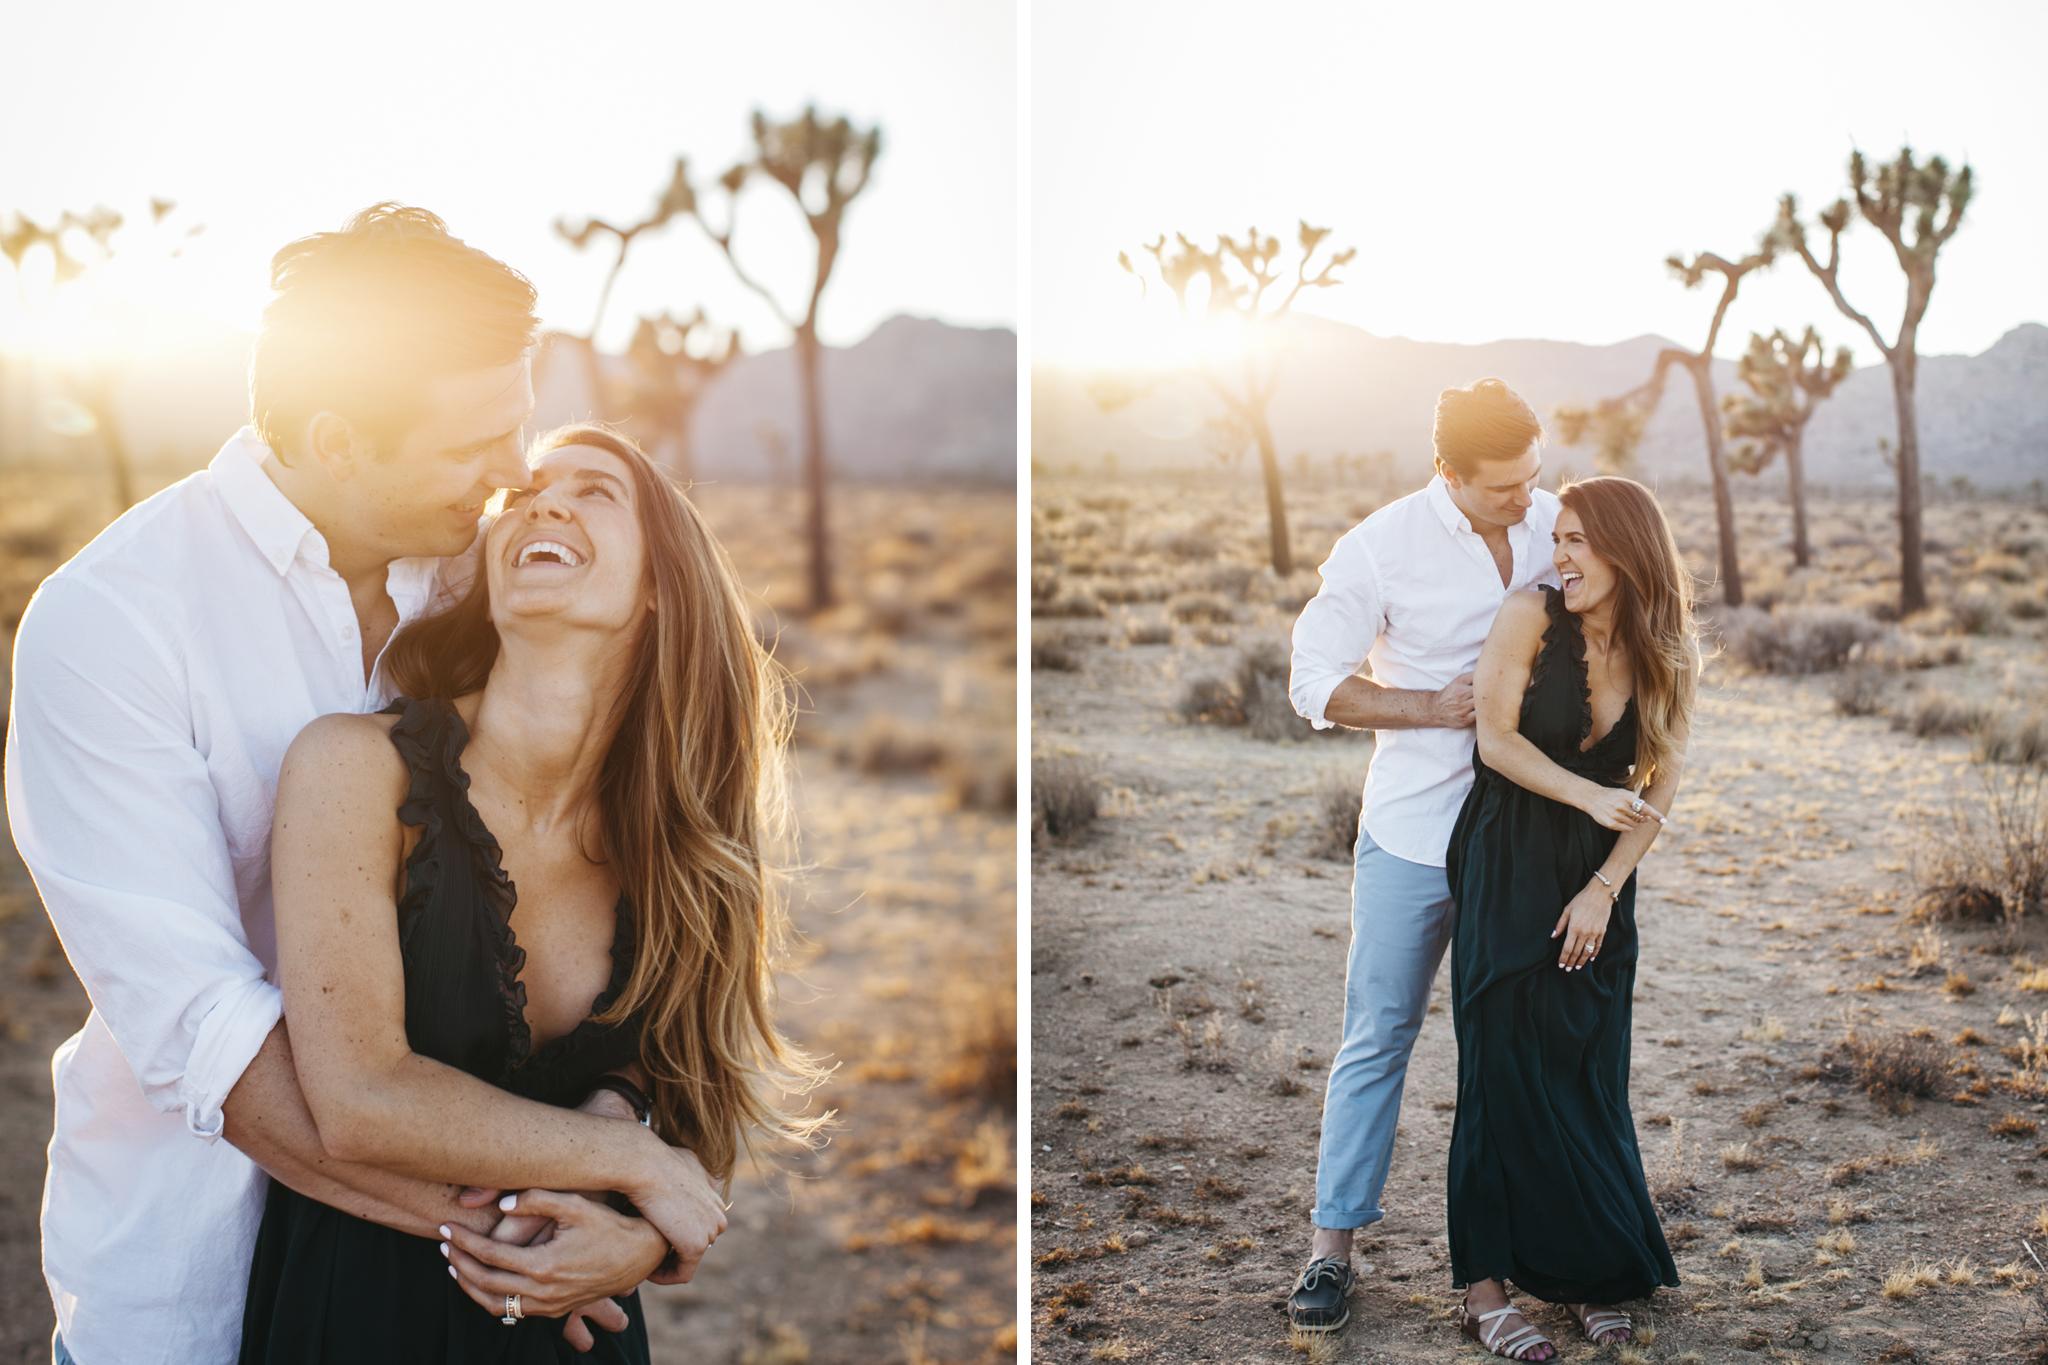 joshuatree_engagementsession_katepricephotography_003